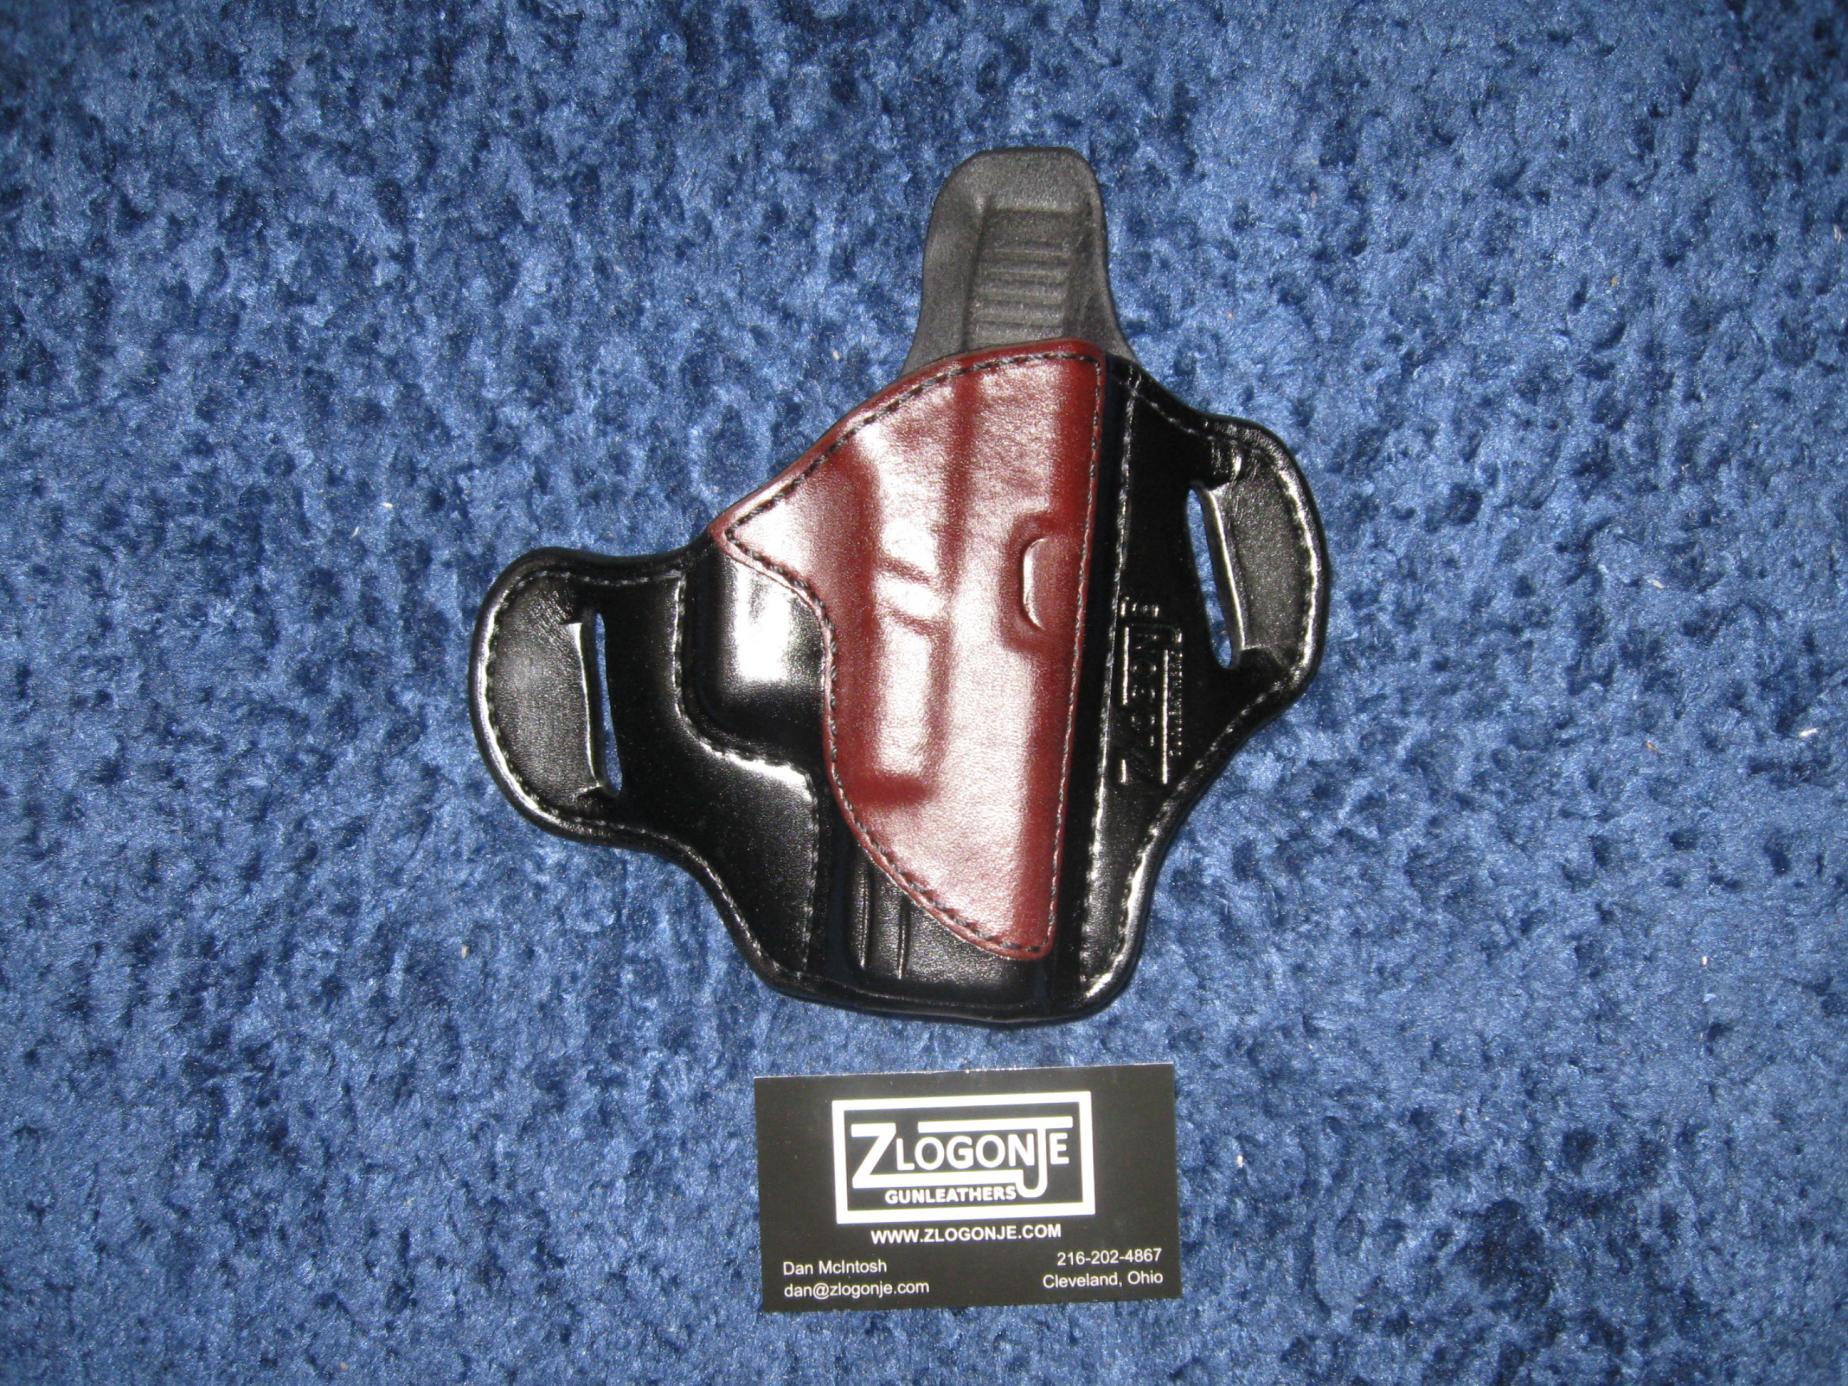 New holster for my G19-img_0638.jpg